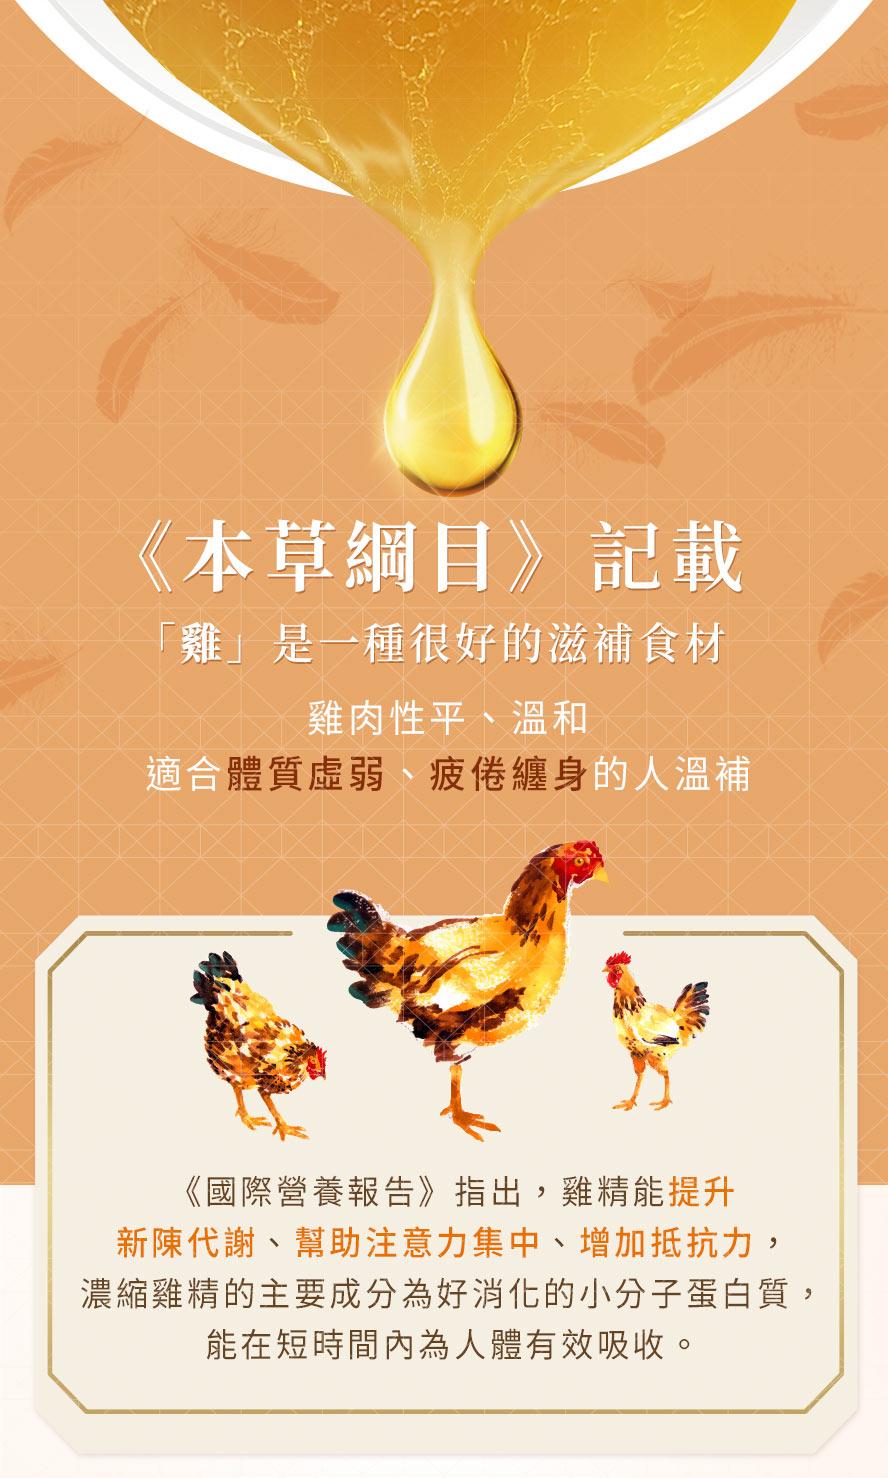 國際營養報告研究指出,雞精能提升新陳代謝;而濃縮雞精的主要成分就是好消化的小分子蛋白質,飲用後能在短時間內為人體有效吸收.